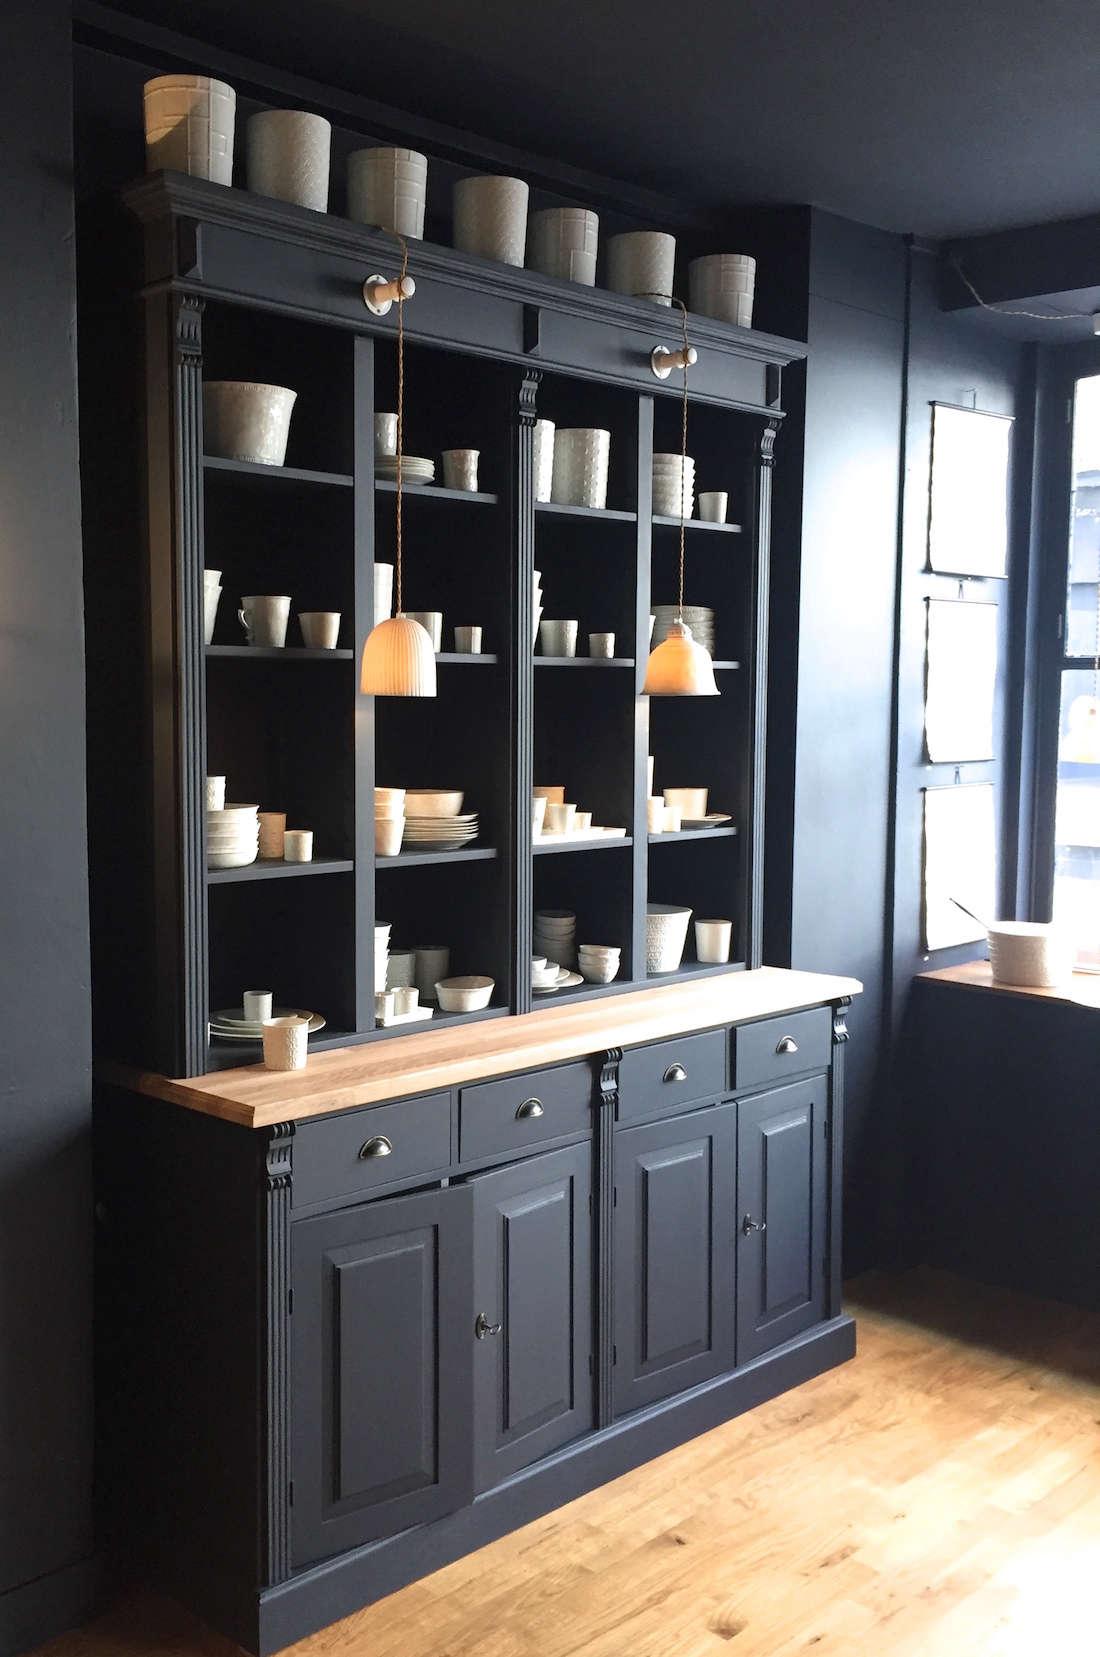 alix d. reynis store in paris | remodelista 10